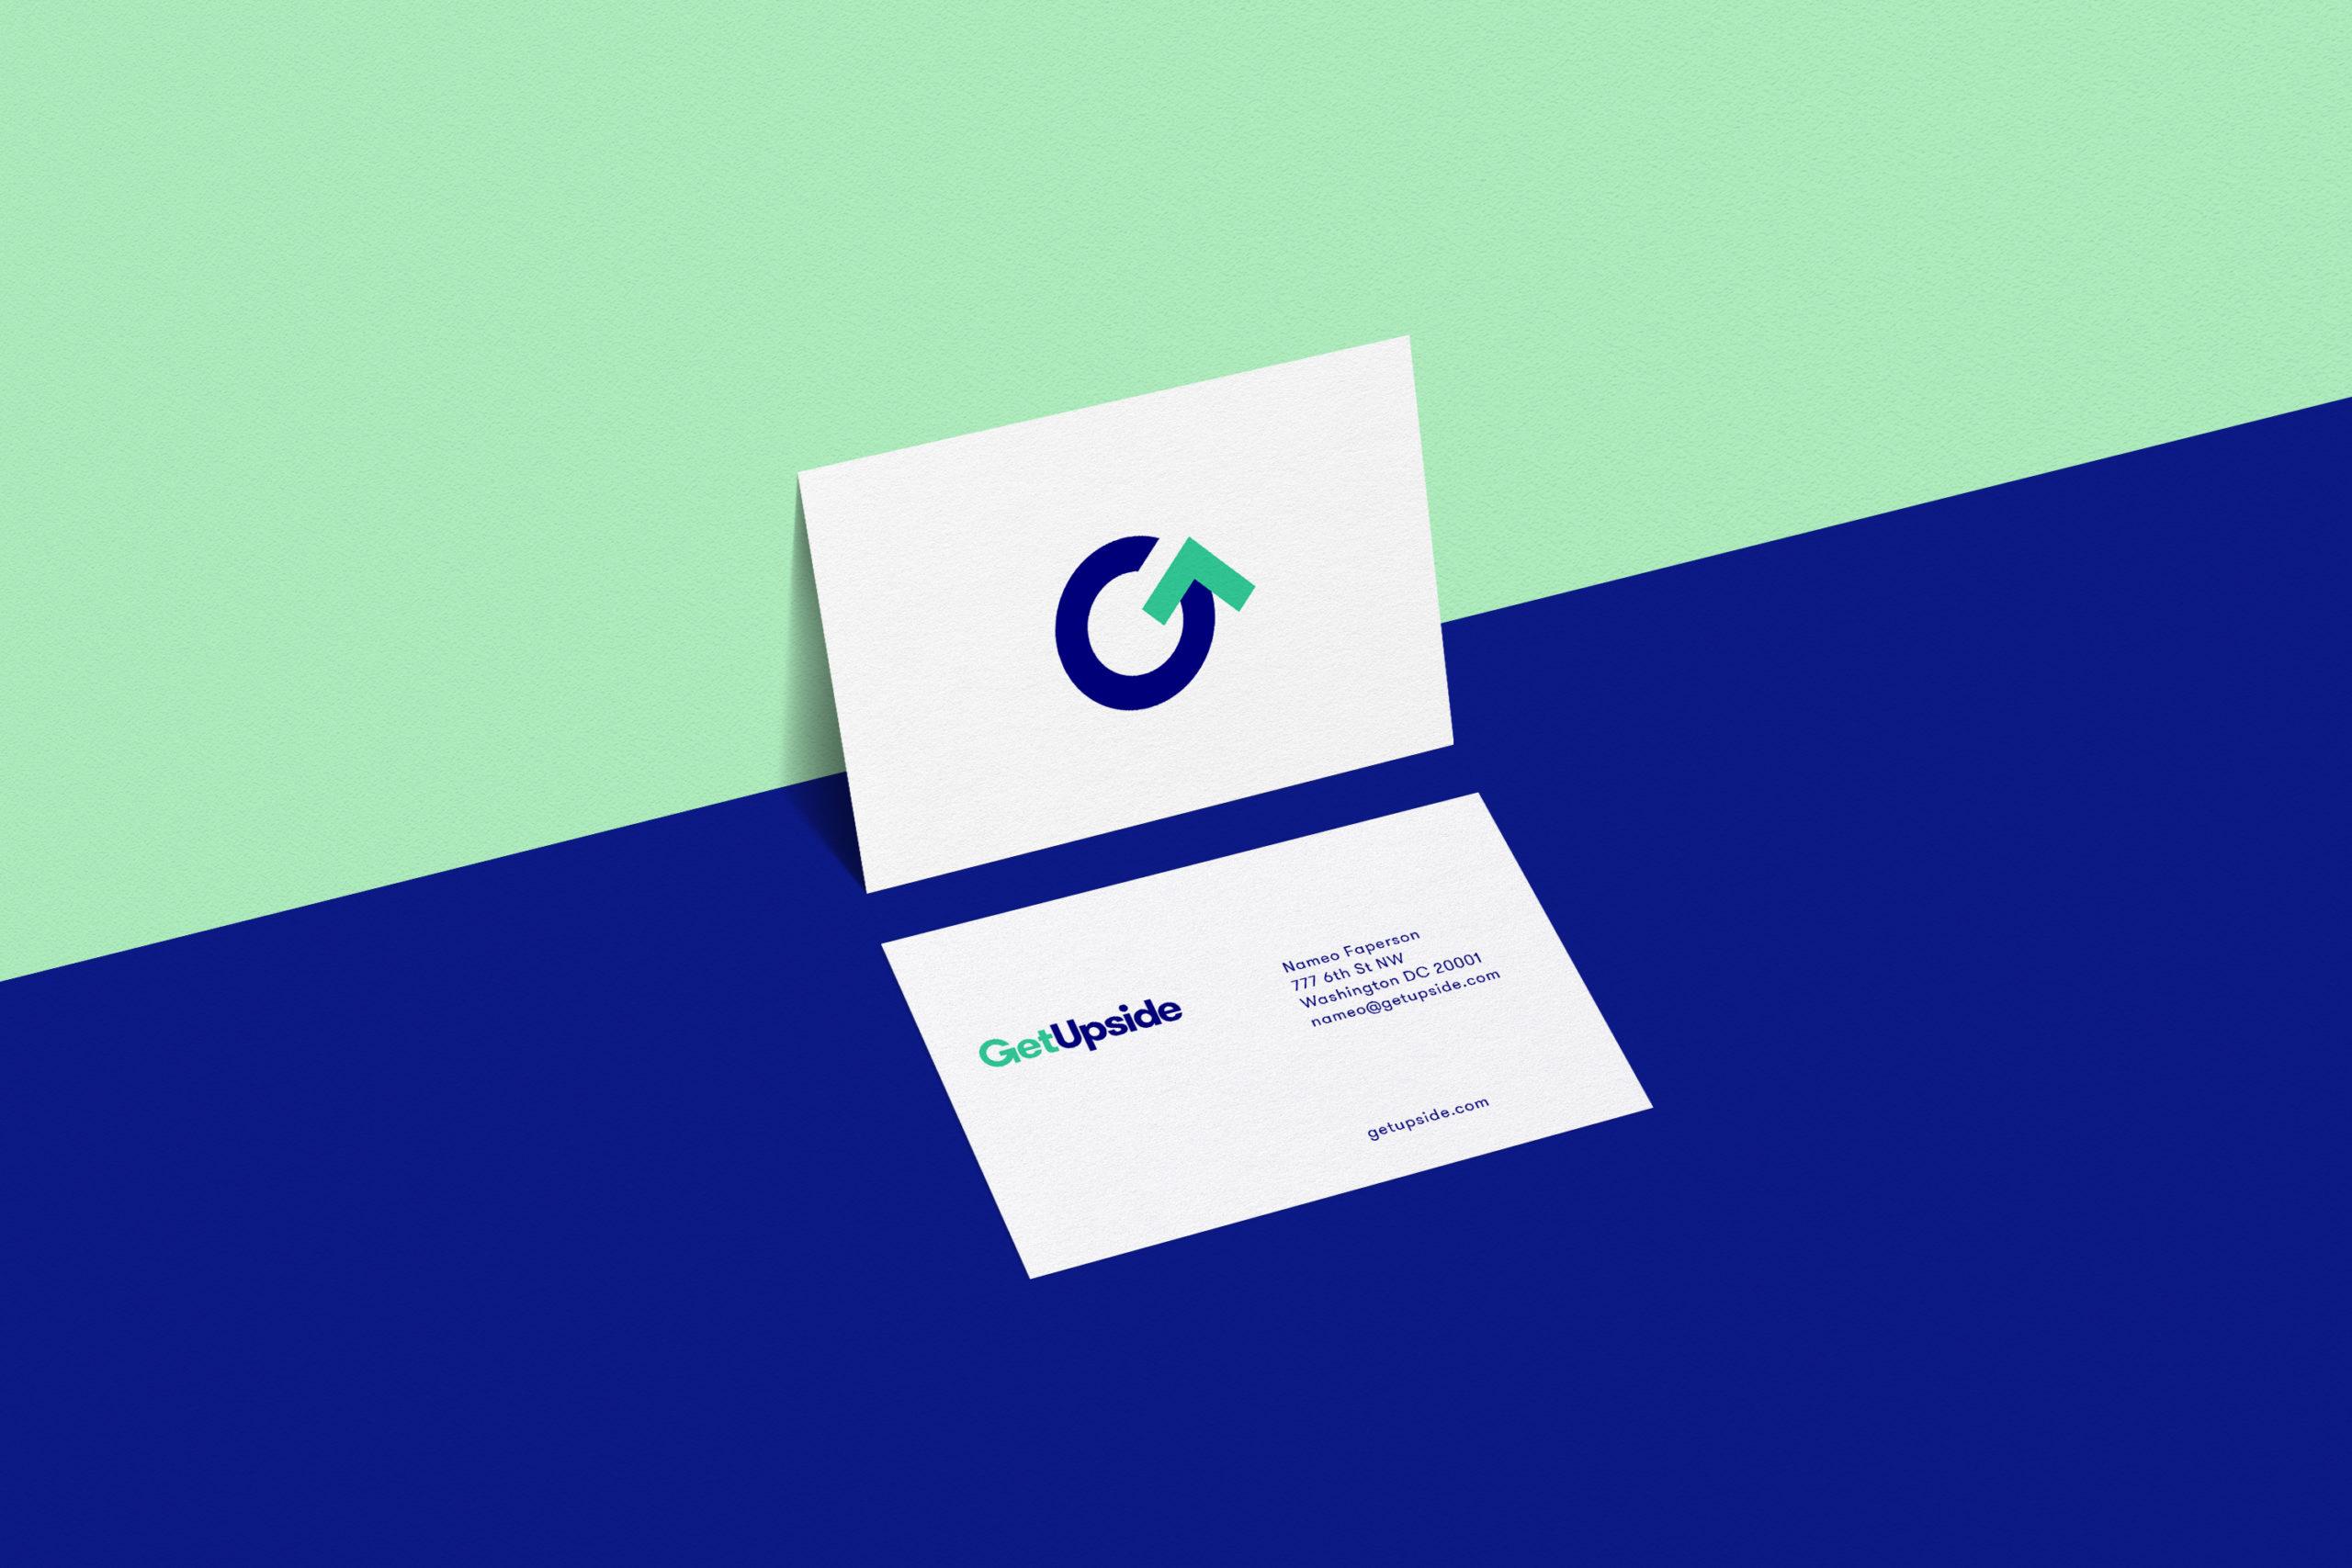 GU-card